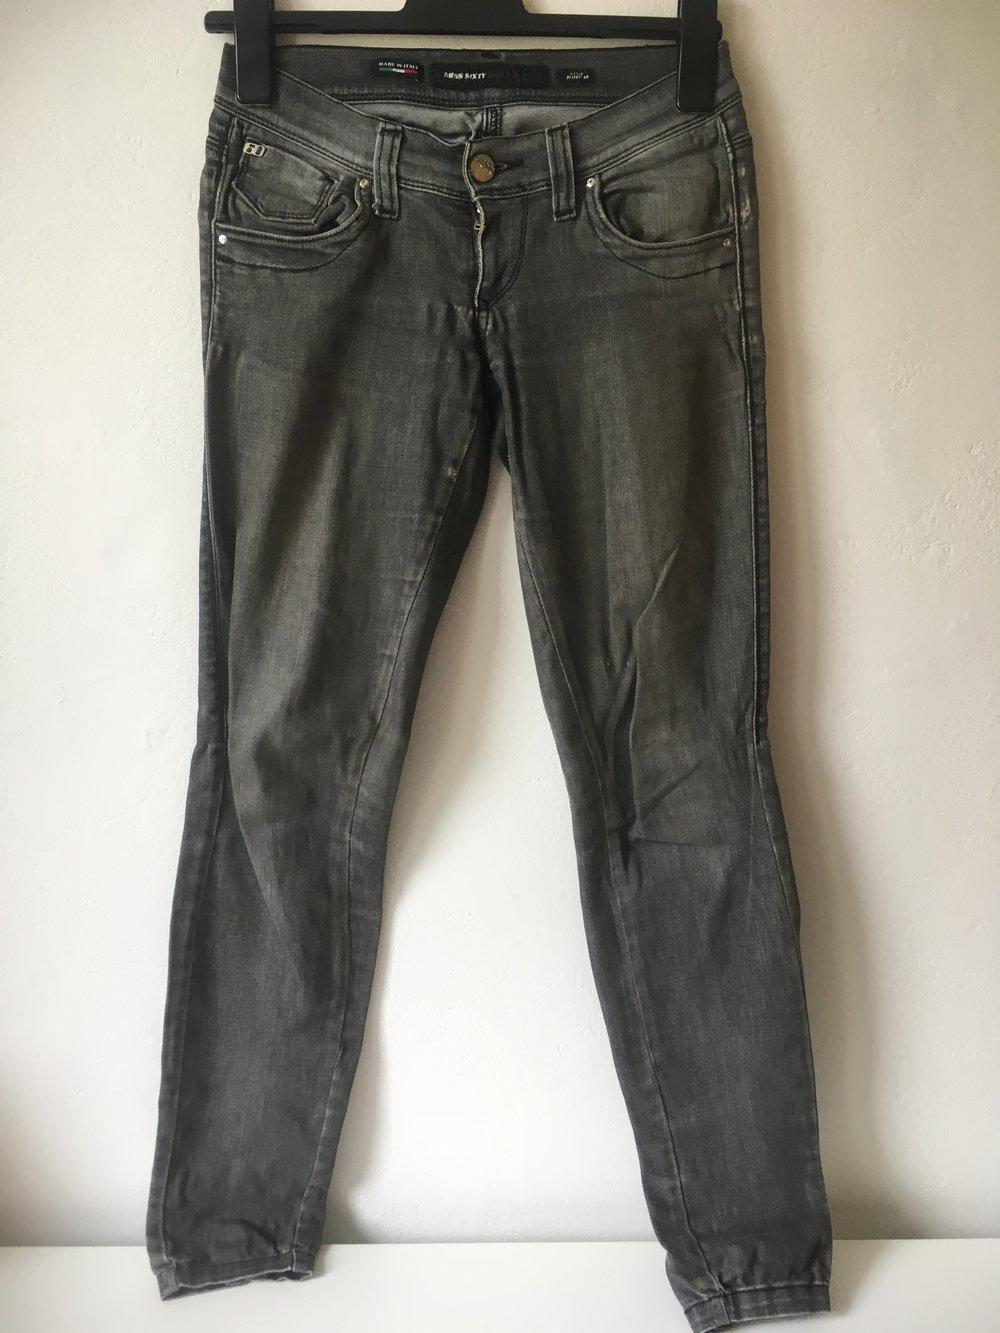 ... Miss Sixty Jeans Judy M Grau Gr.27 DENIM Straight Distressed Used Look . 73090cda94